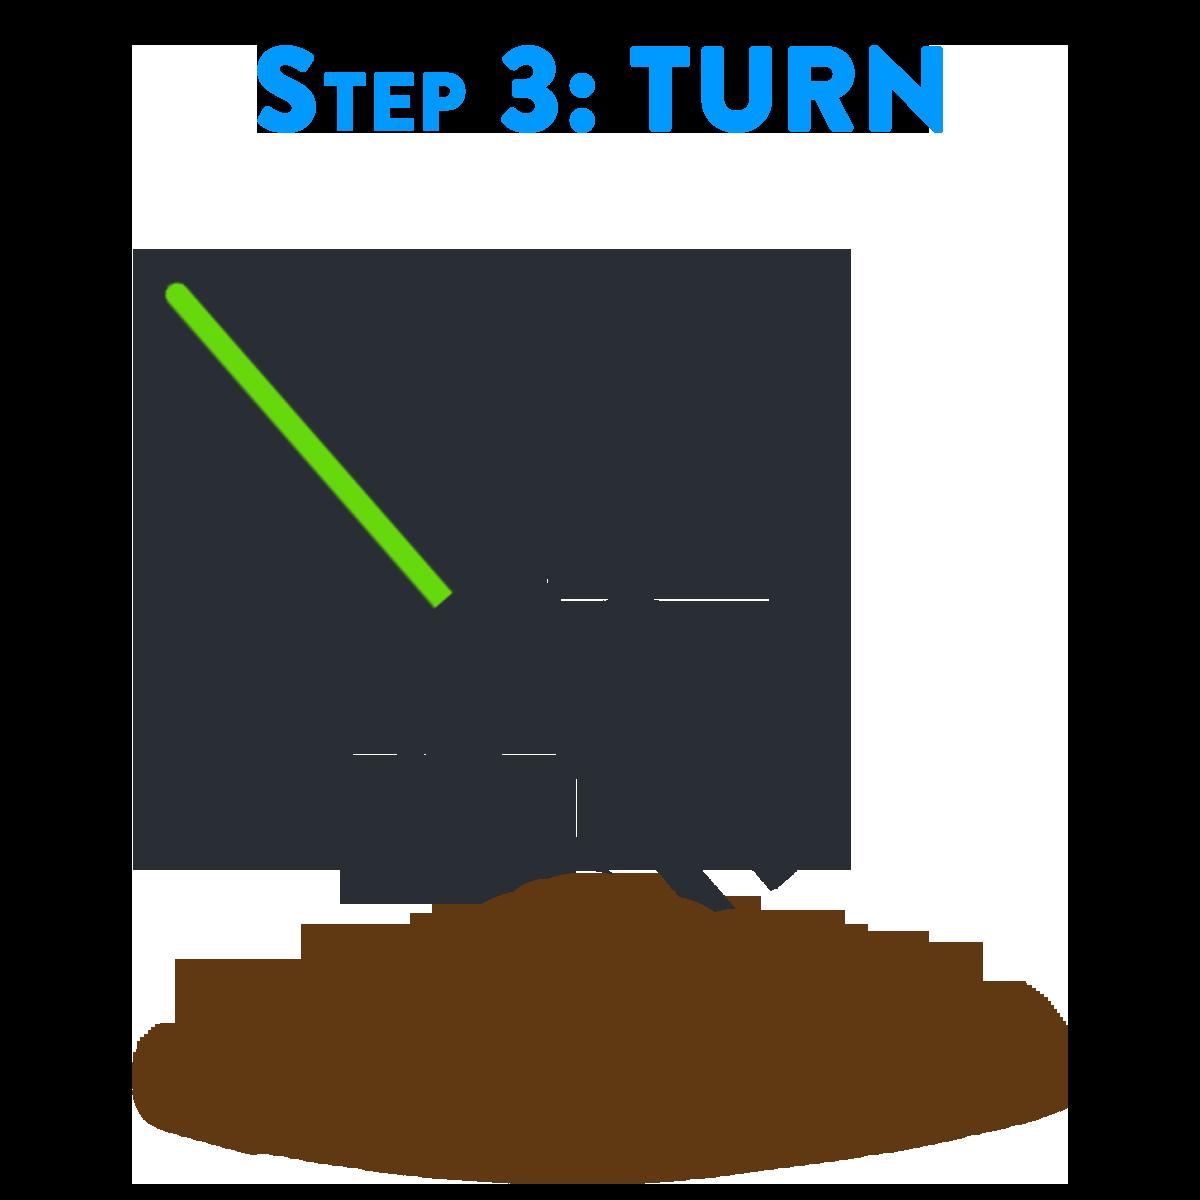 Step 3: Turn